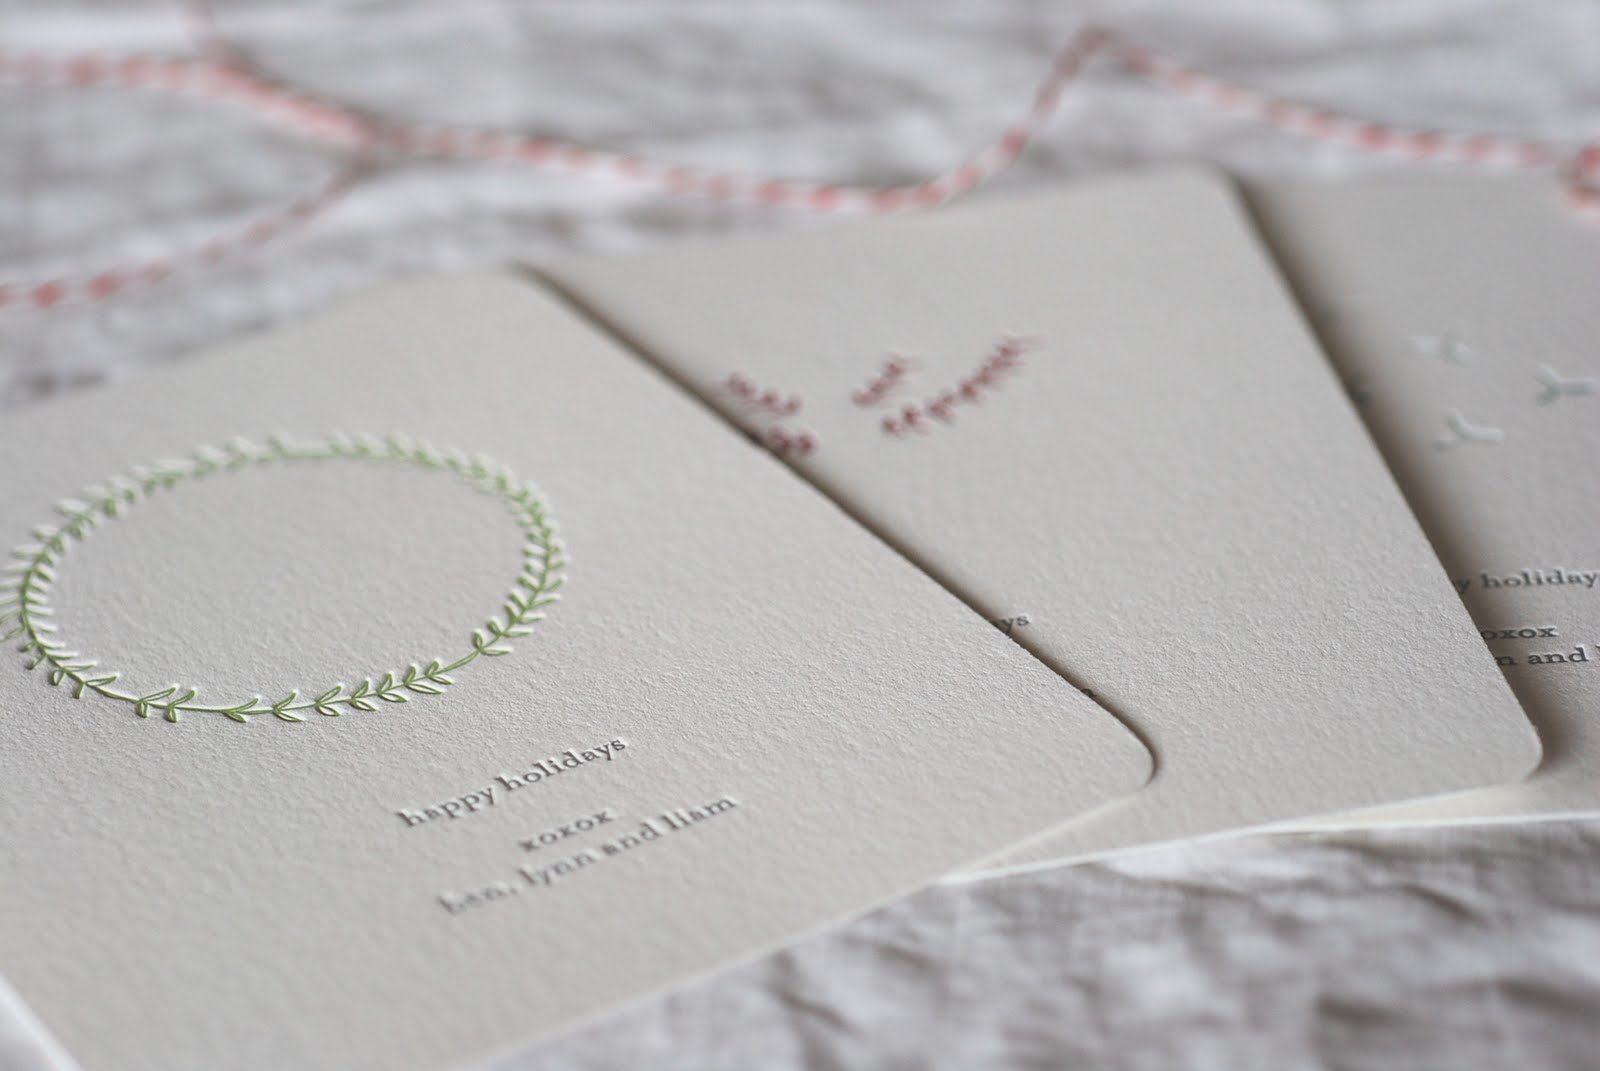 satsuma press giveaway at Oh So Beautiful Paper poppytalk